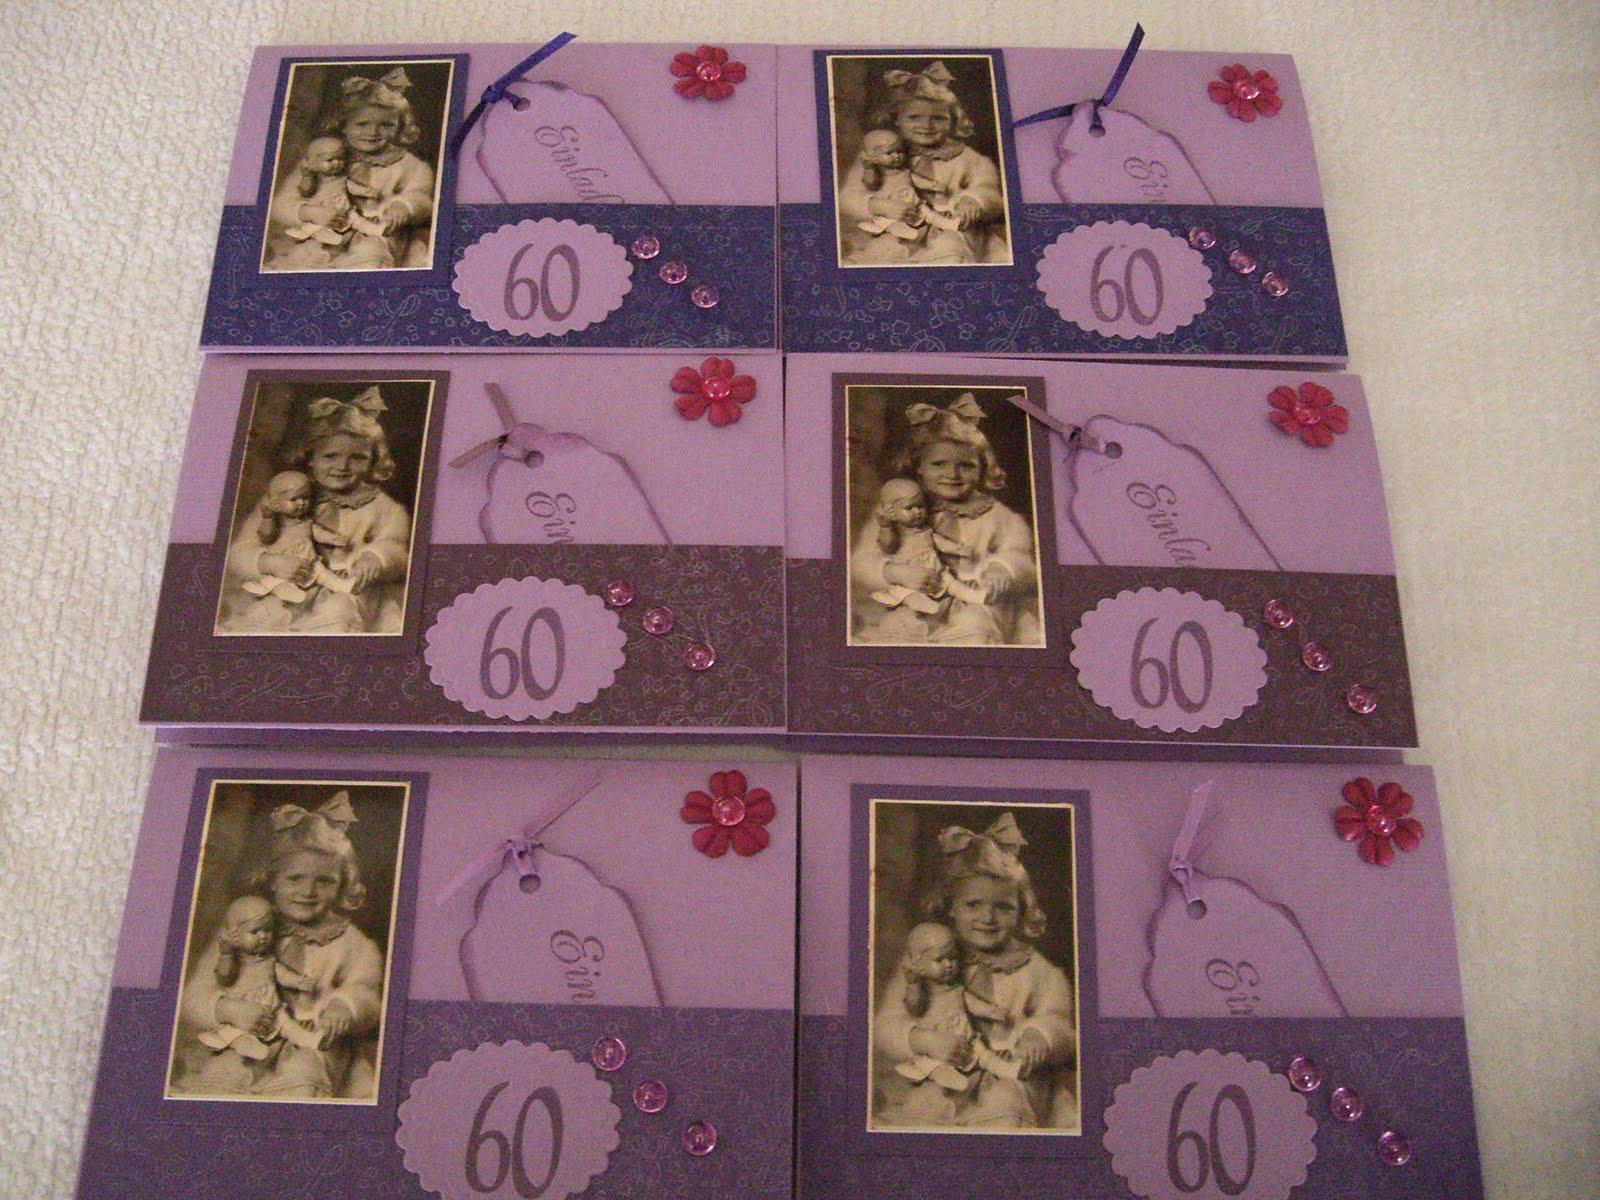 sind die Einladungskarten zu meinem 60. Geburtstag.